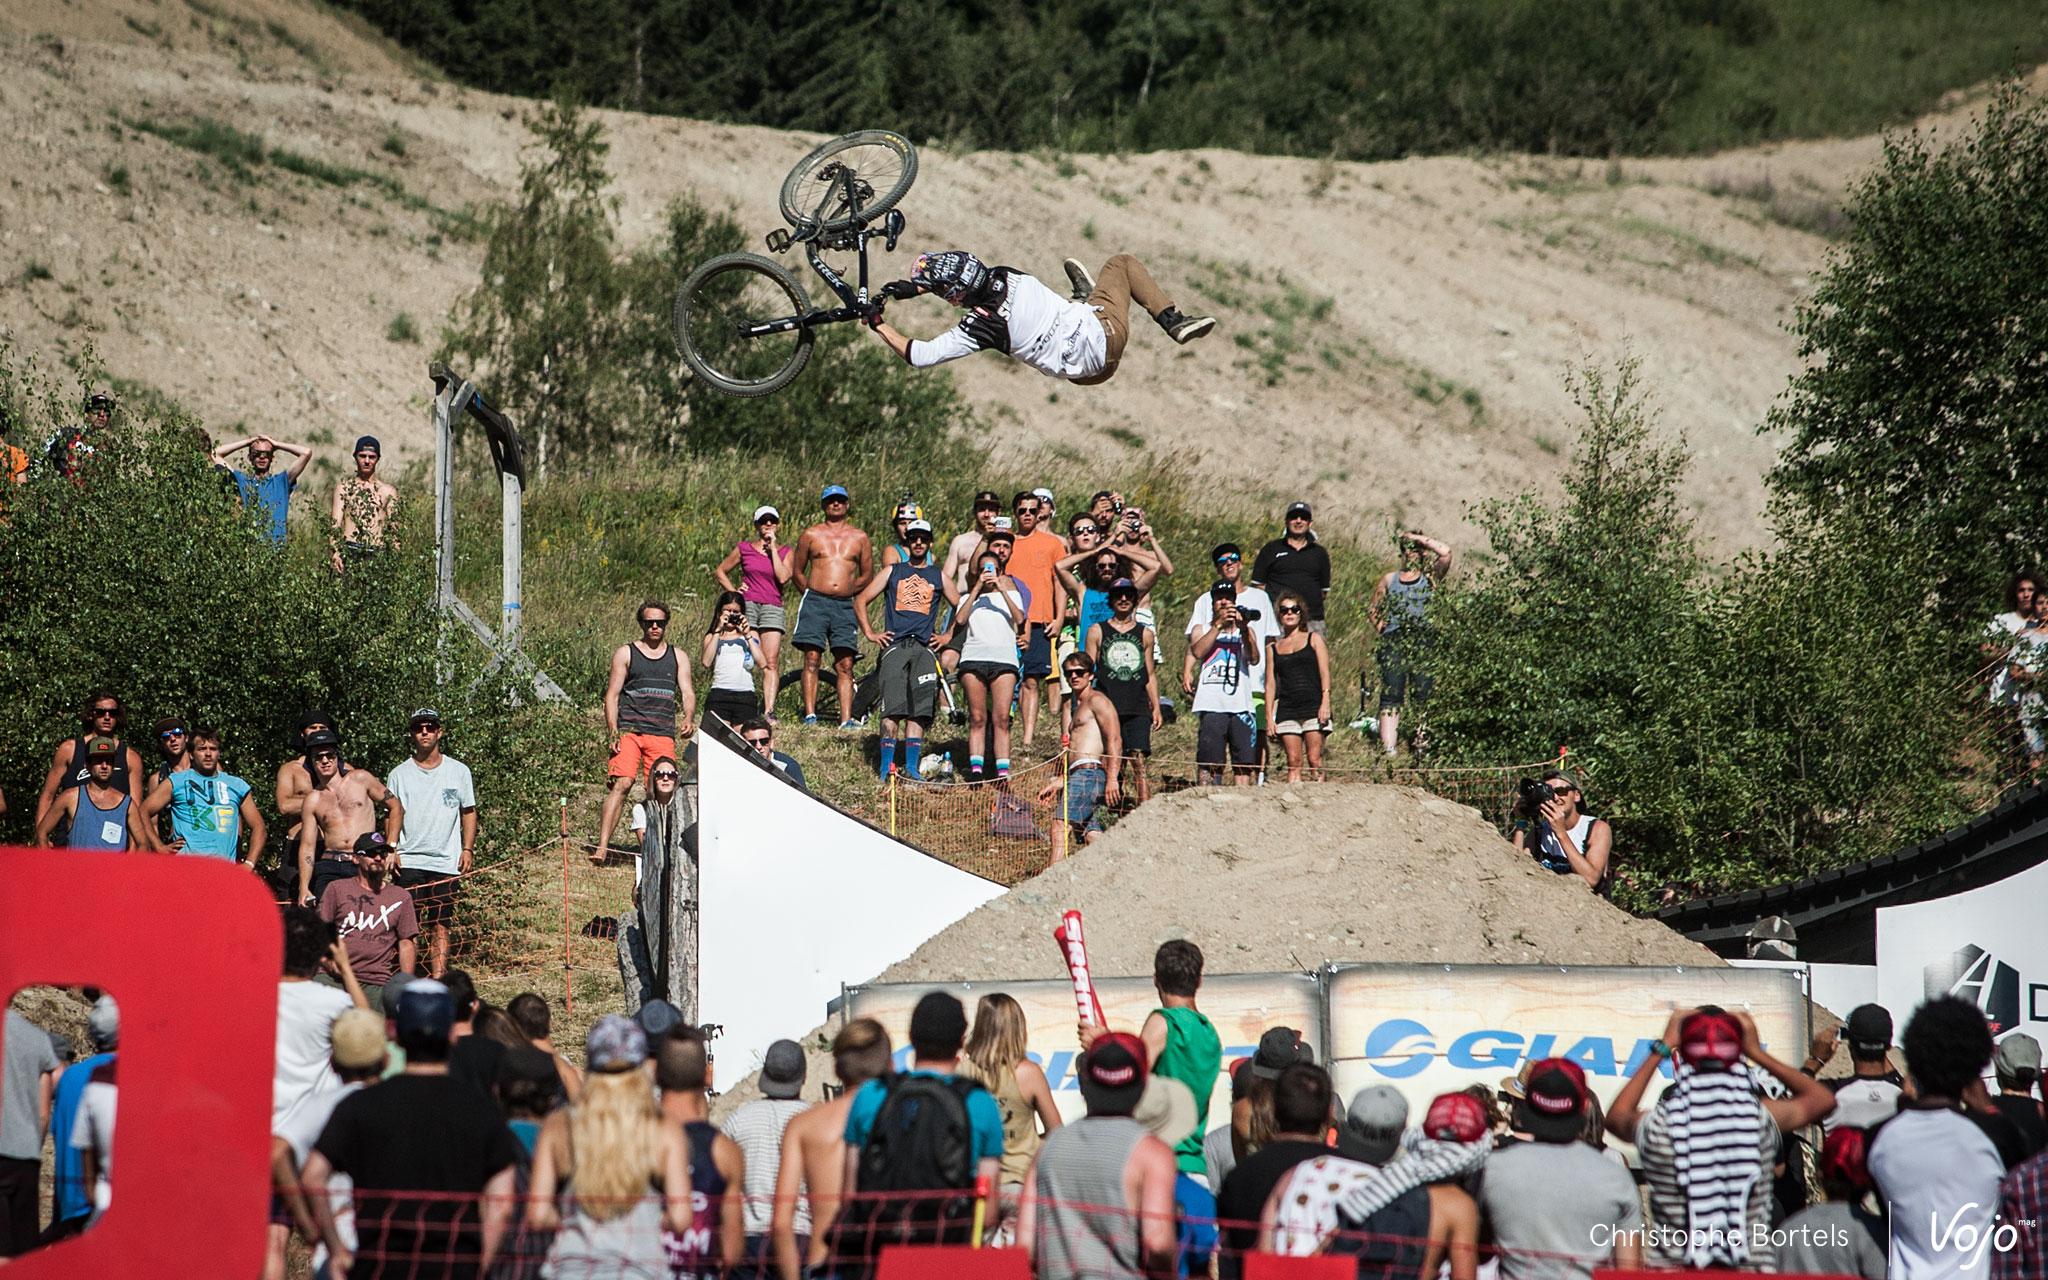 crankworx-L2A-slopestyle-09